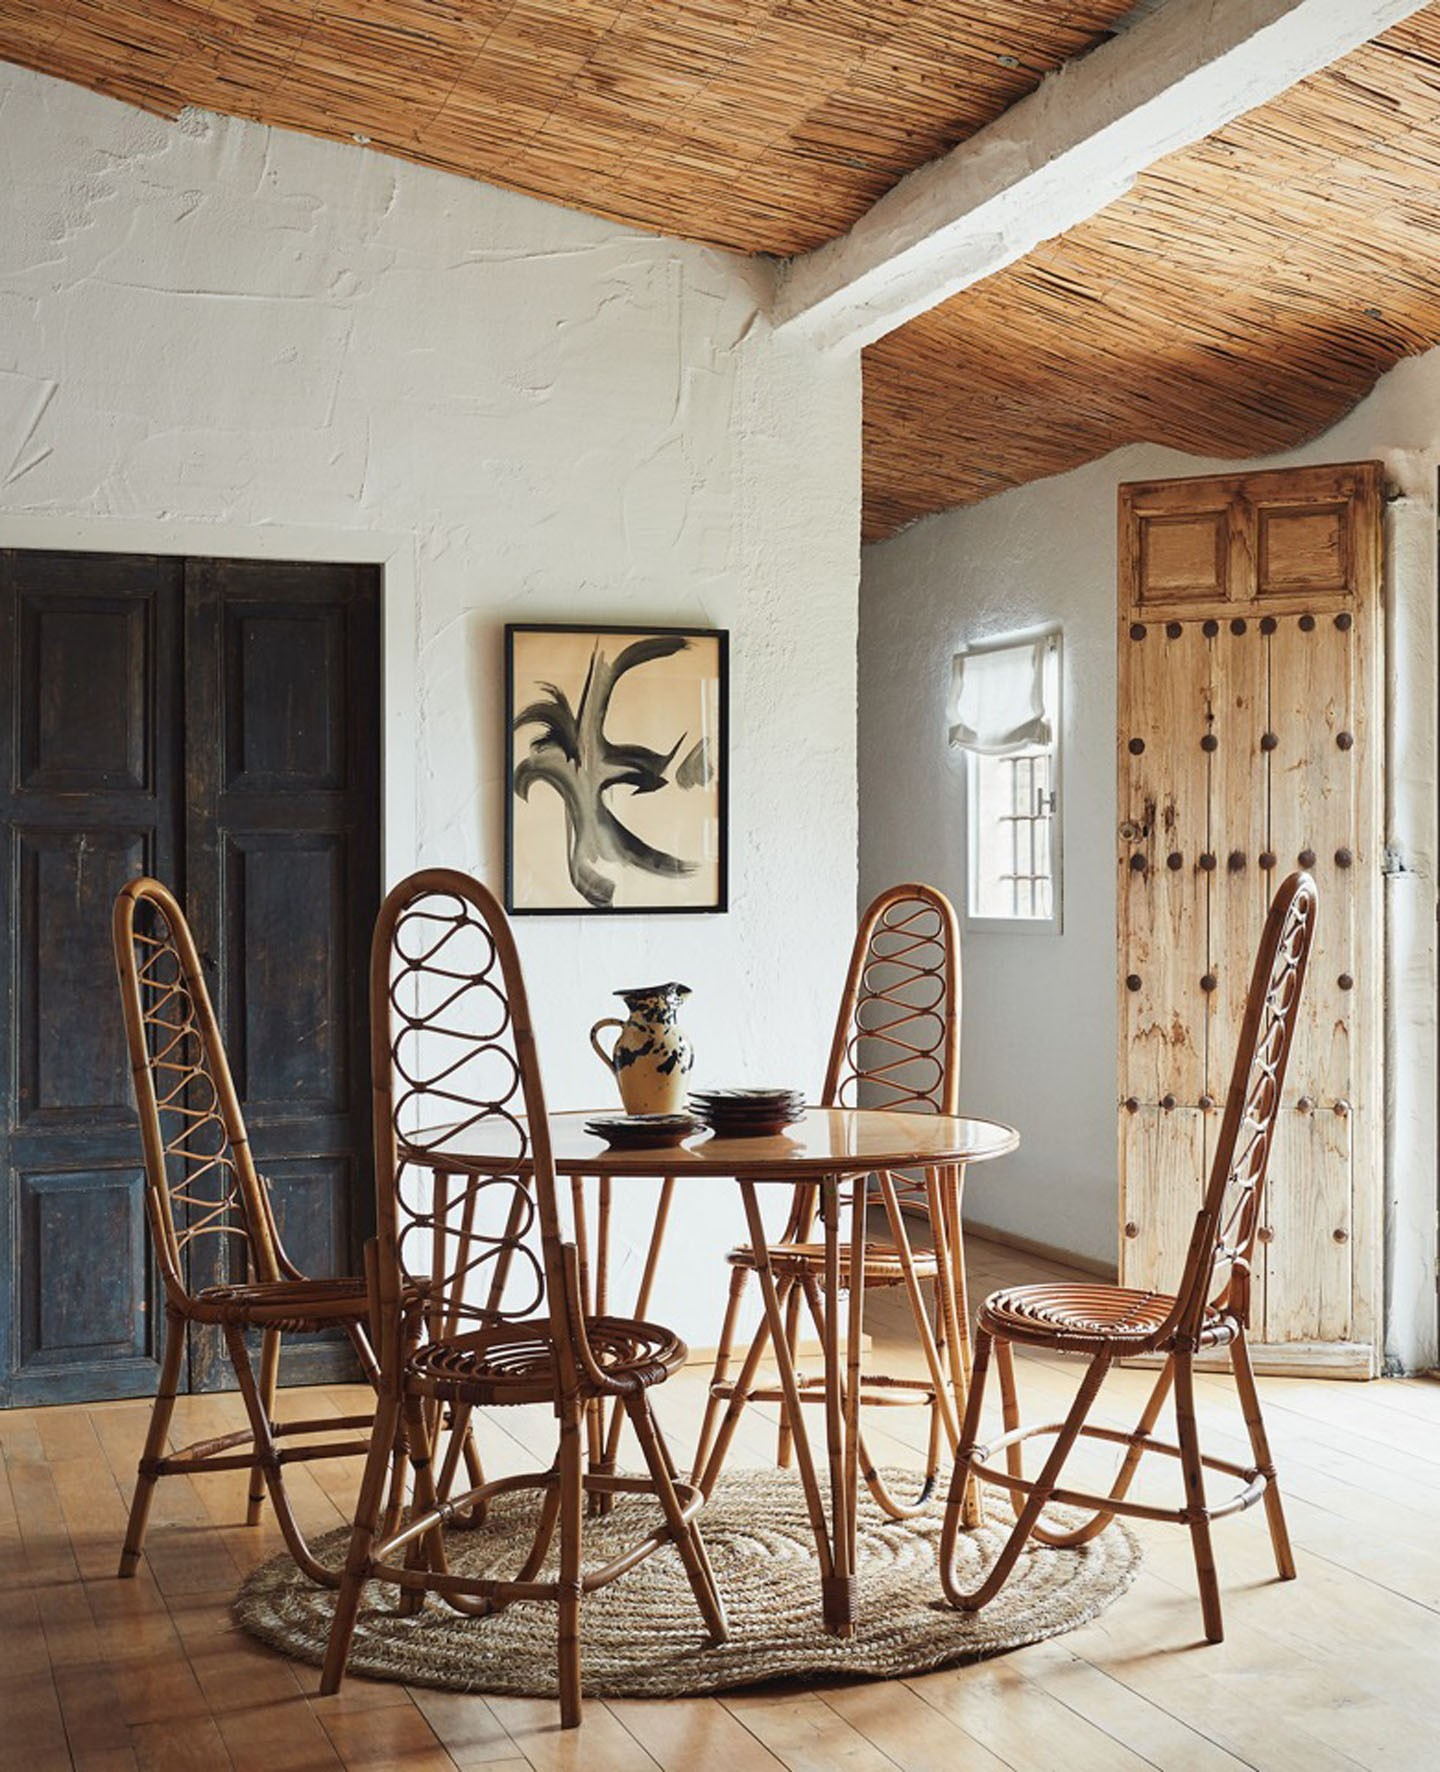 Décor do dia: sala de jantar com móveis rústicos (Foto: Claire Israel)